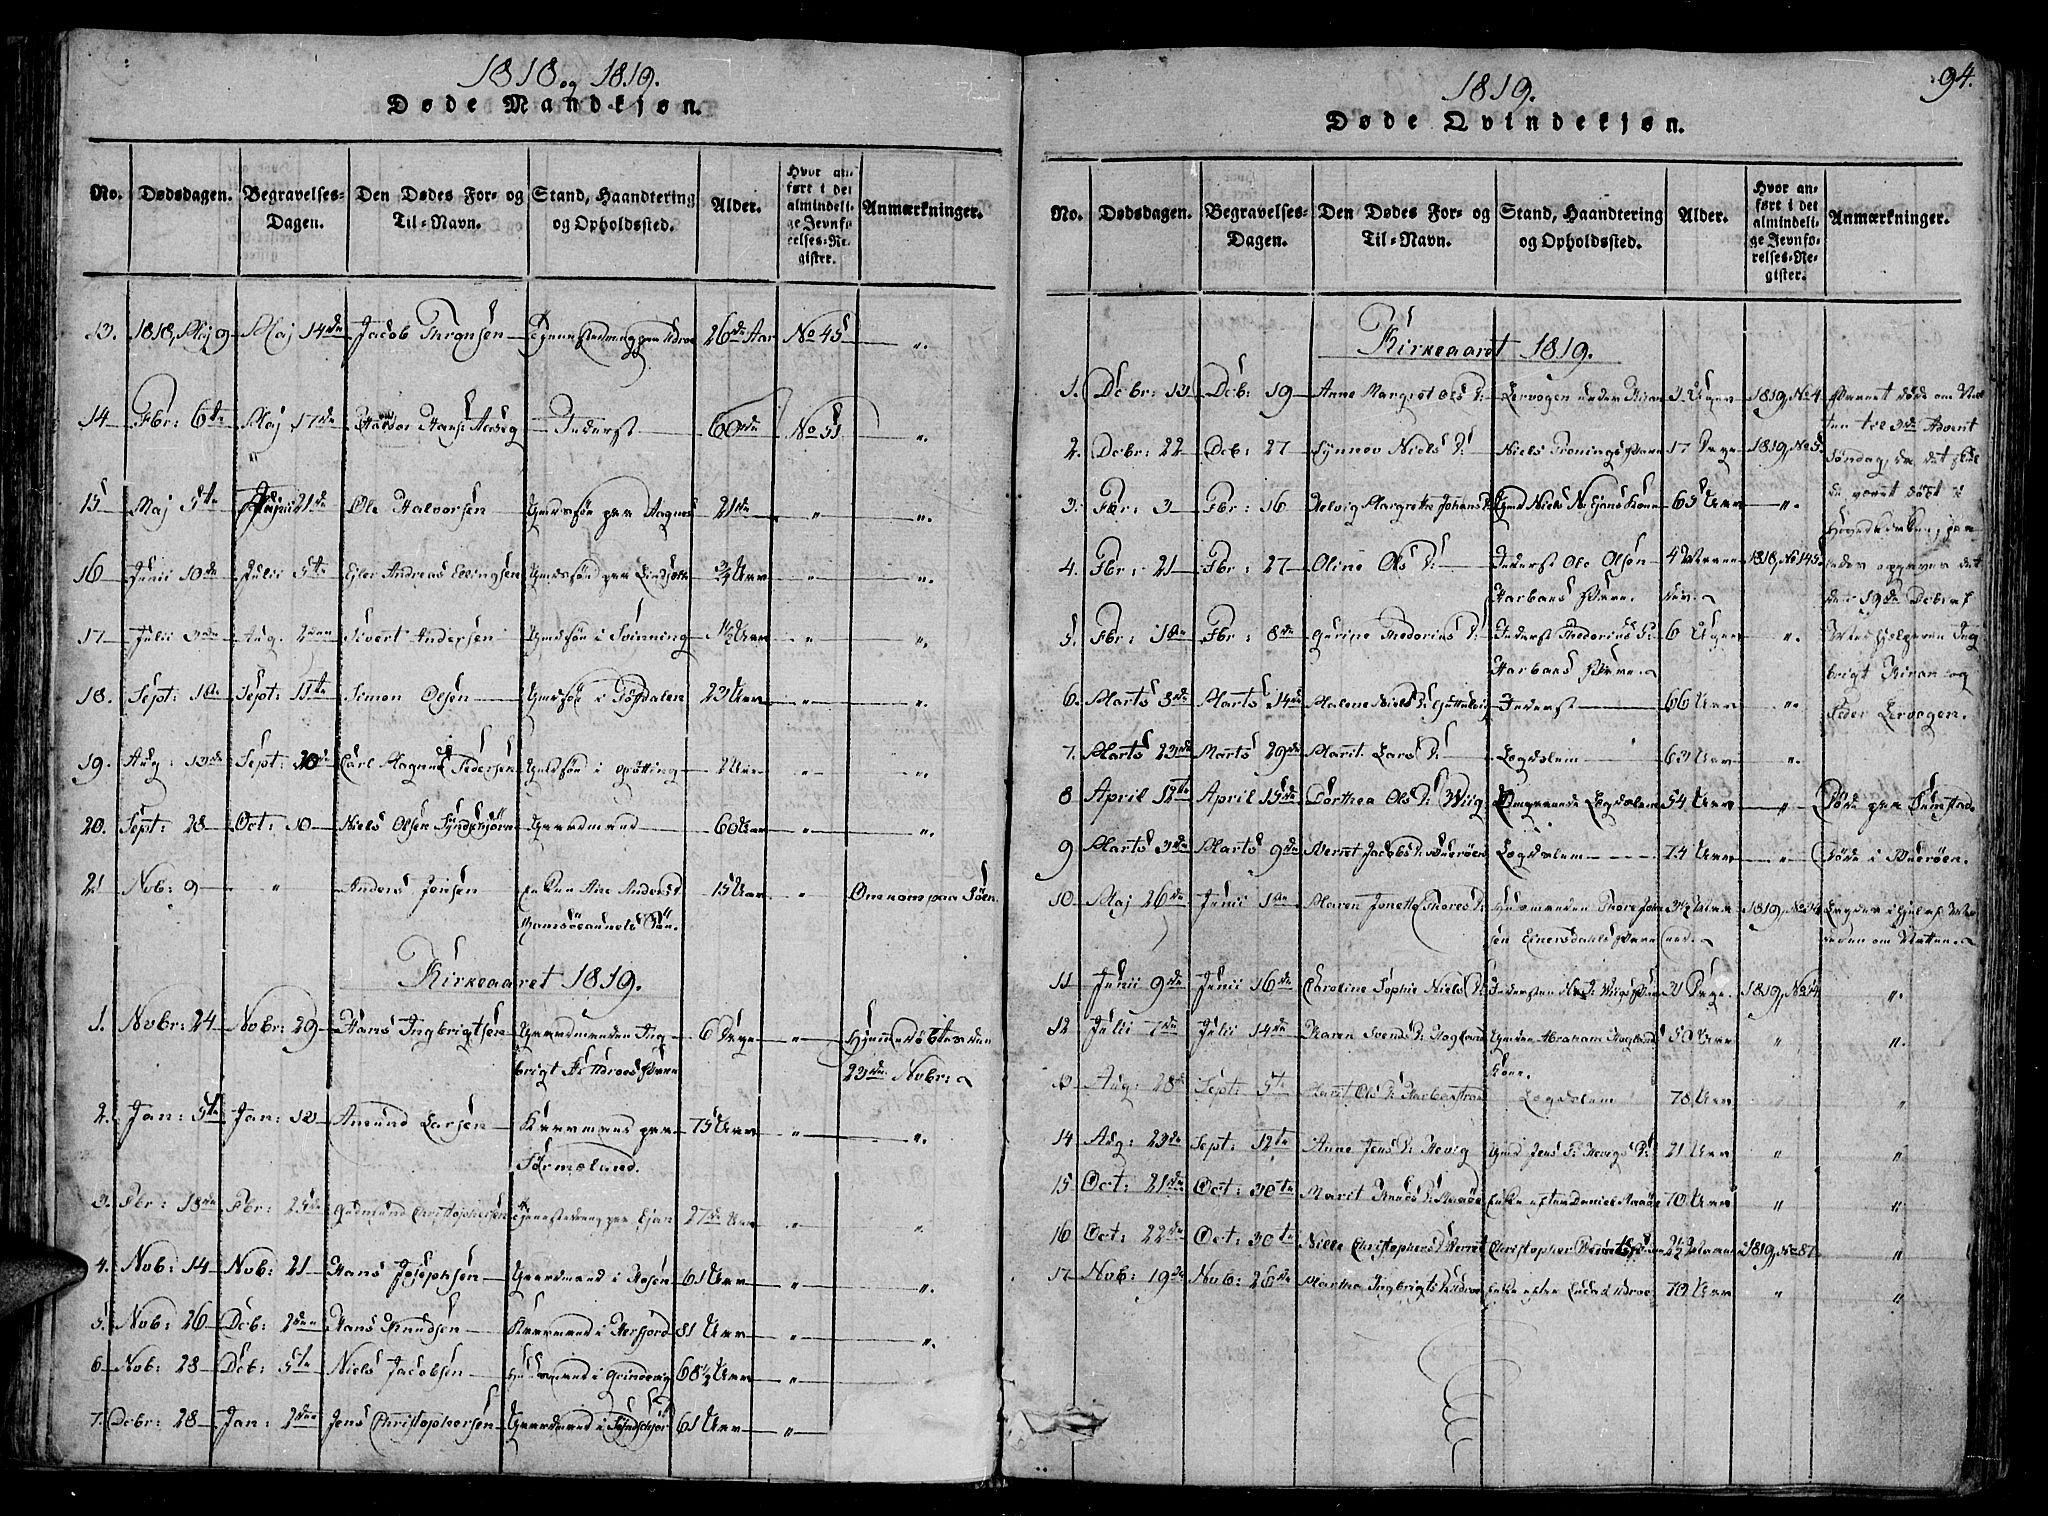 SAT, Ministerialprotokoller, klokkerbøker og fødselsregistre - Sør-Trøndelag, 657/L0702: Ministerialbok nr. 657A03, 1818-1831, s. 94